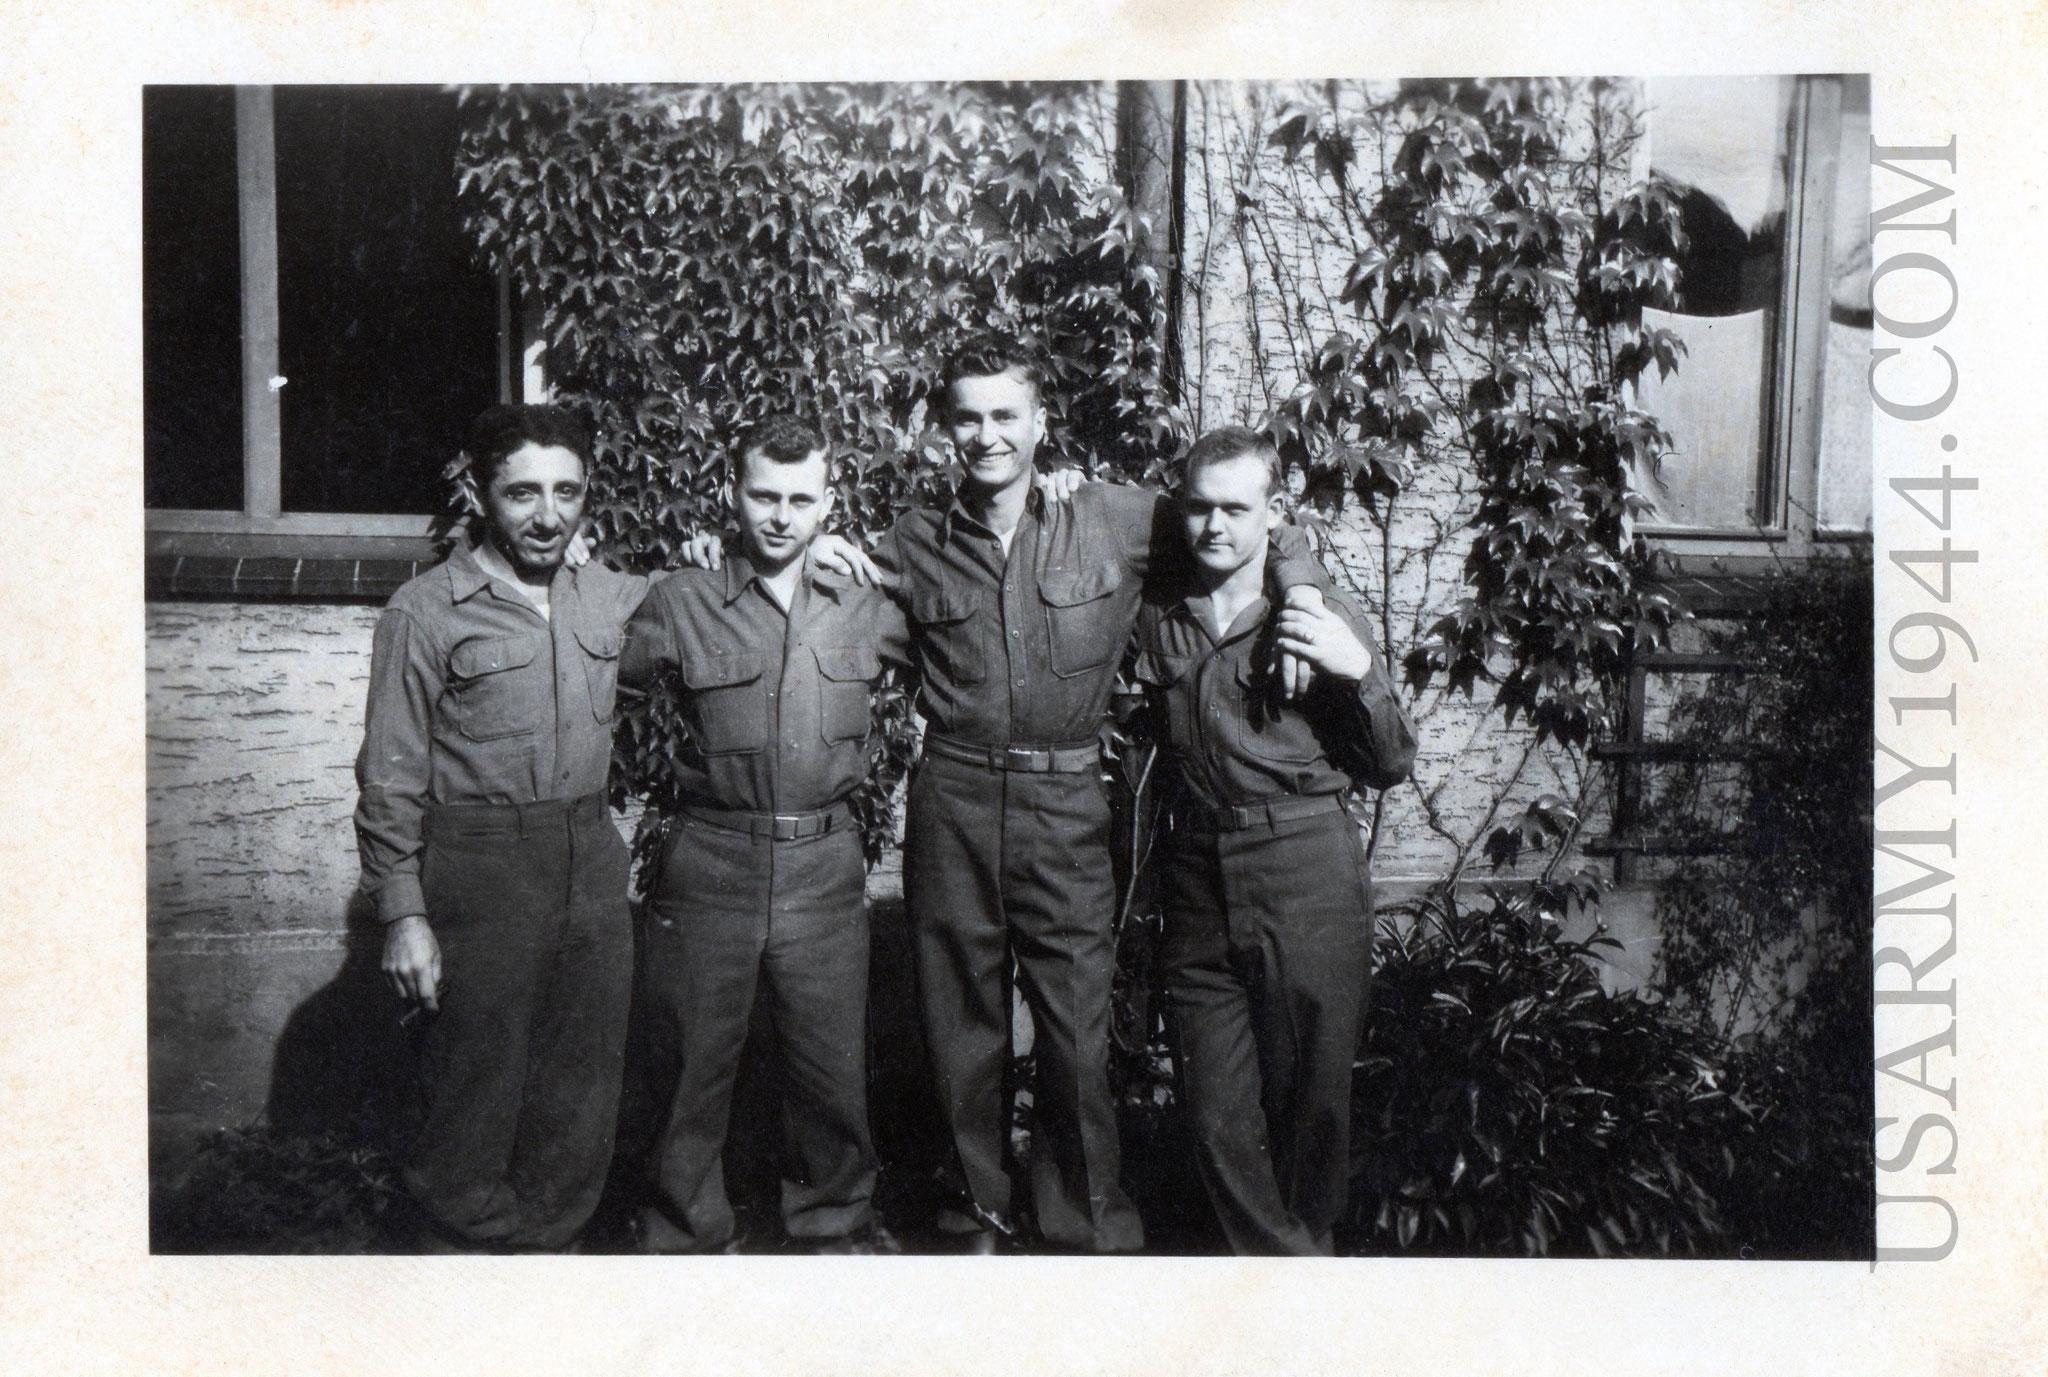 Joe, Henry e altri amici